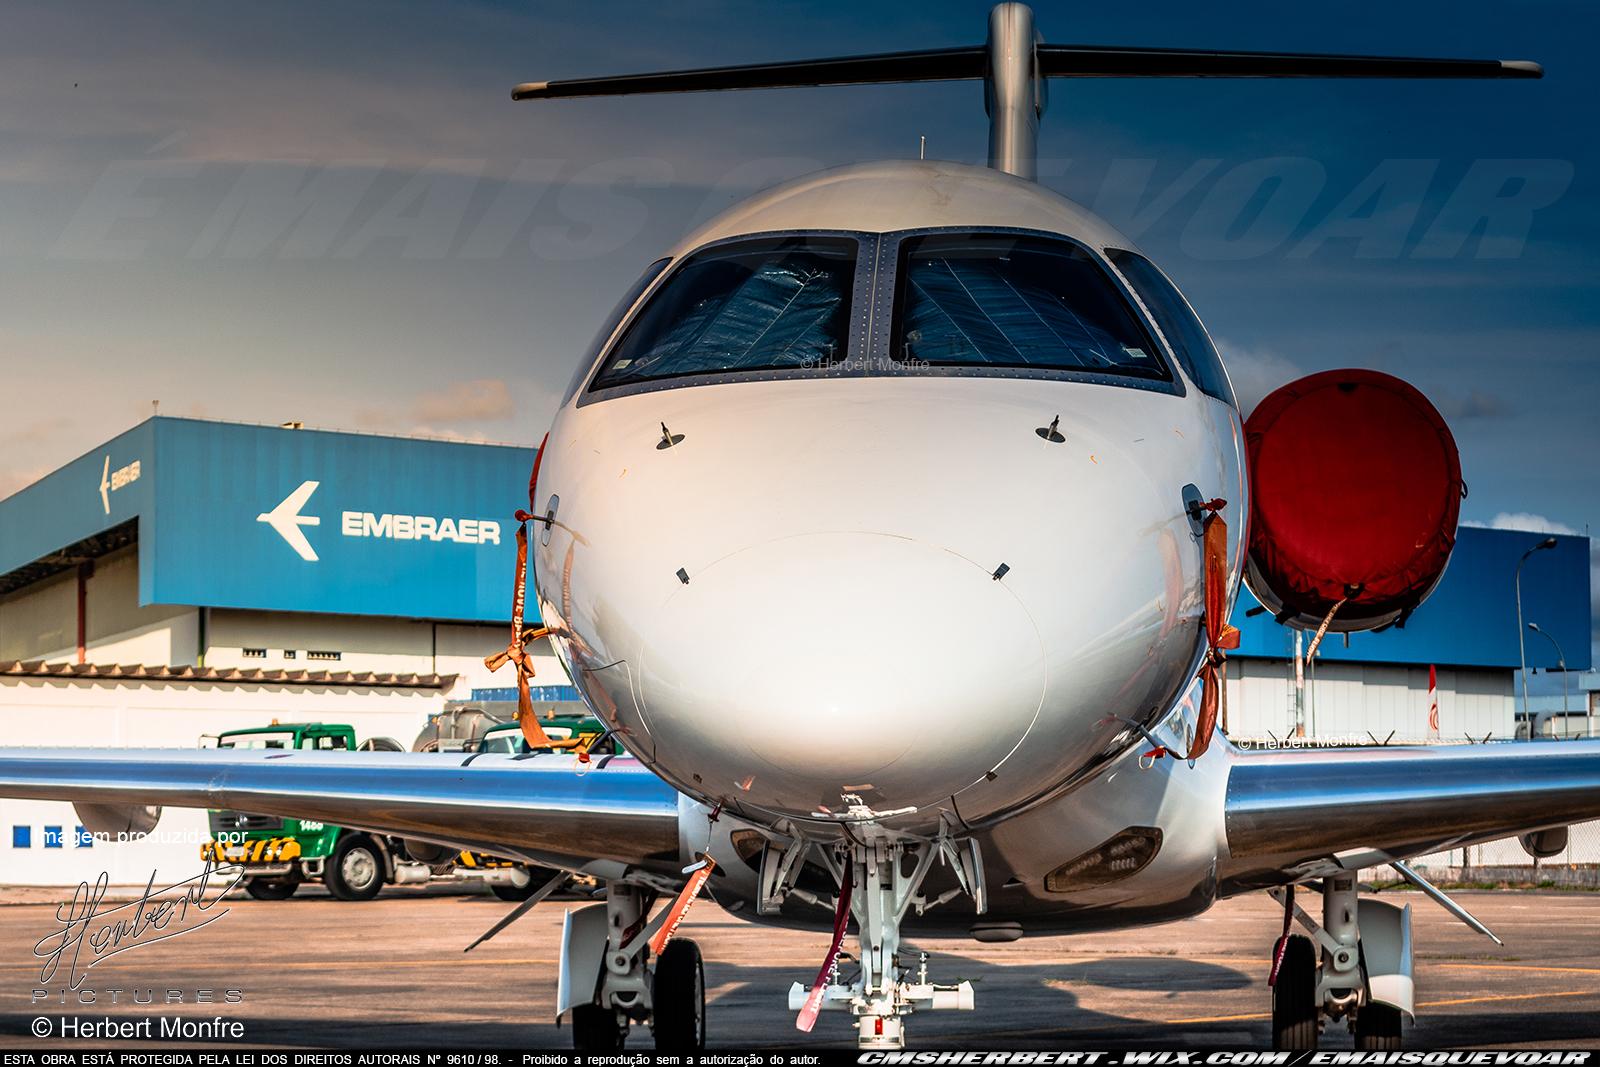 Embraer fecha negócio de US$1,4 bilhão com a Flexjet | Foto © Herbert Monfre | É MAIS QUE VOAR